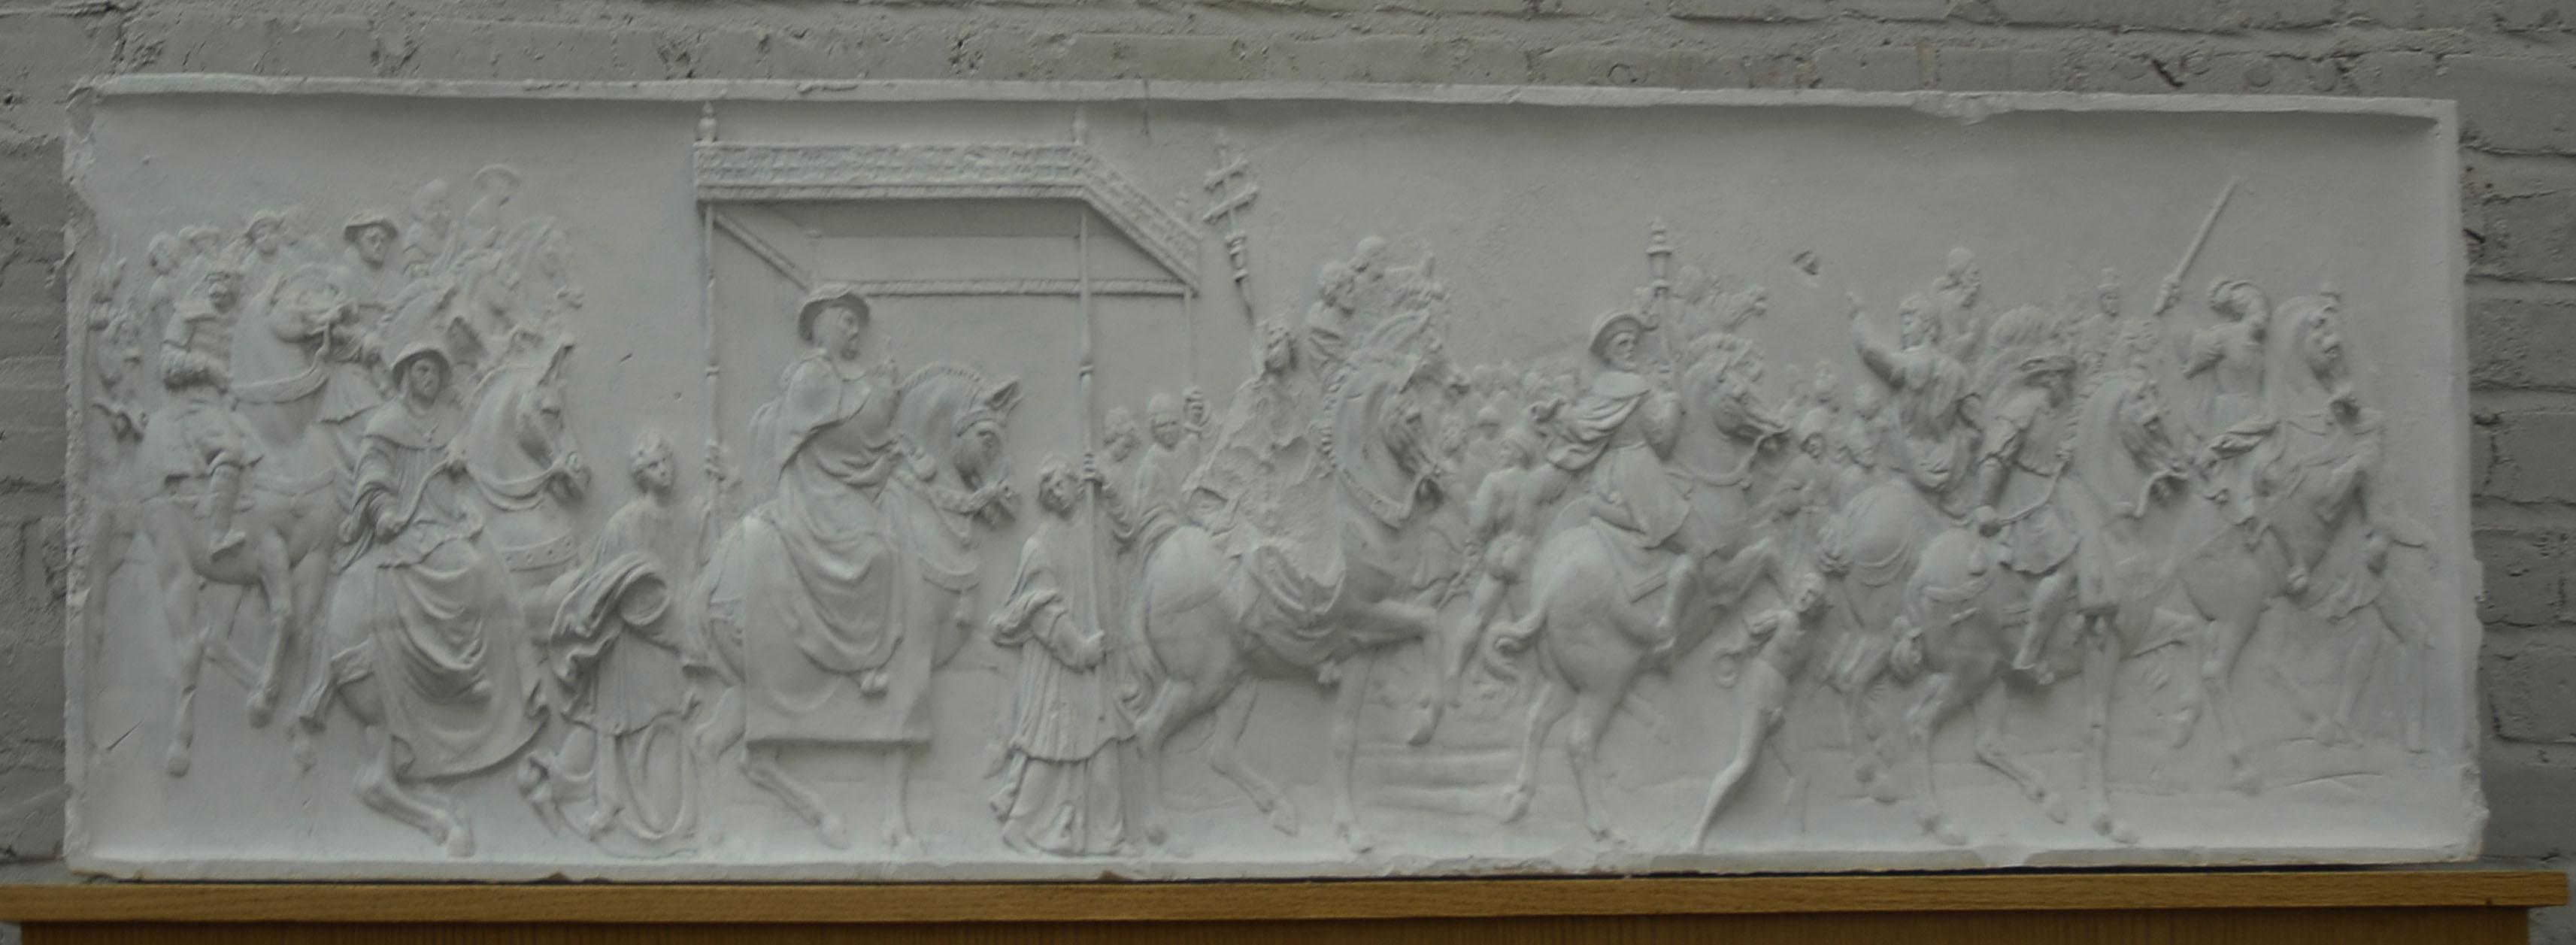 Top Maryland State Art Collection: Sculpture,Cardinal Duprat and  VB31